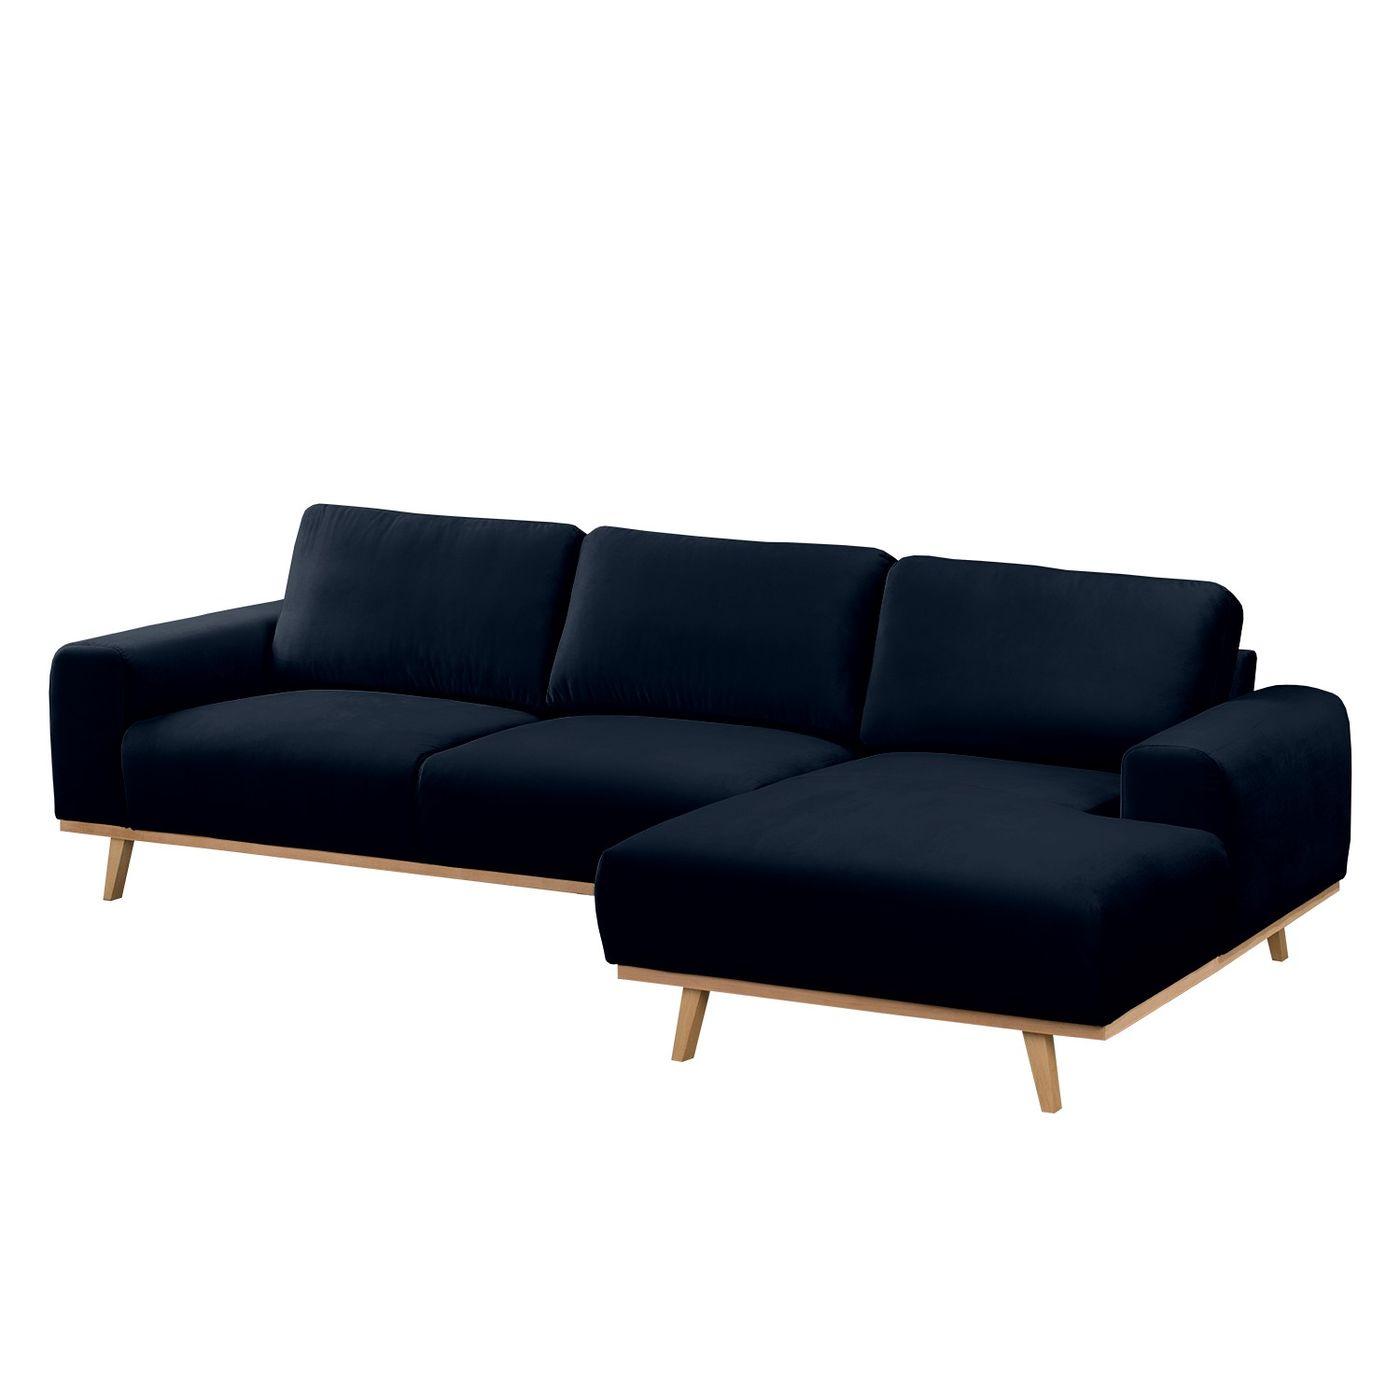 ideen und inspirationen f r dein sofa. Black Bedroom Furniture Sets. Home Design Ideas